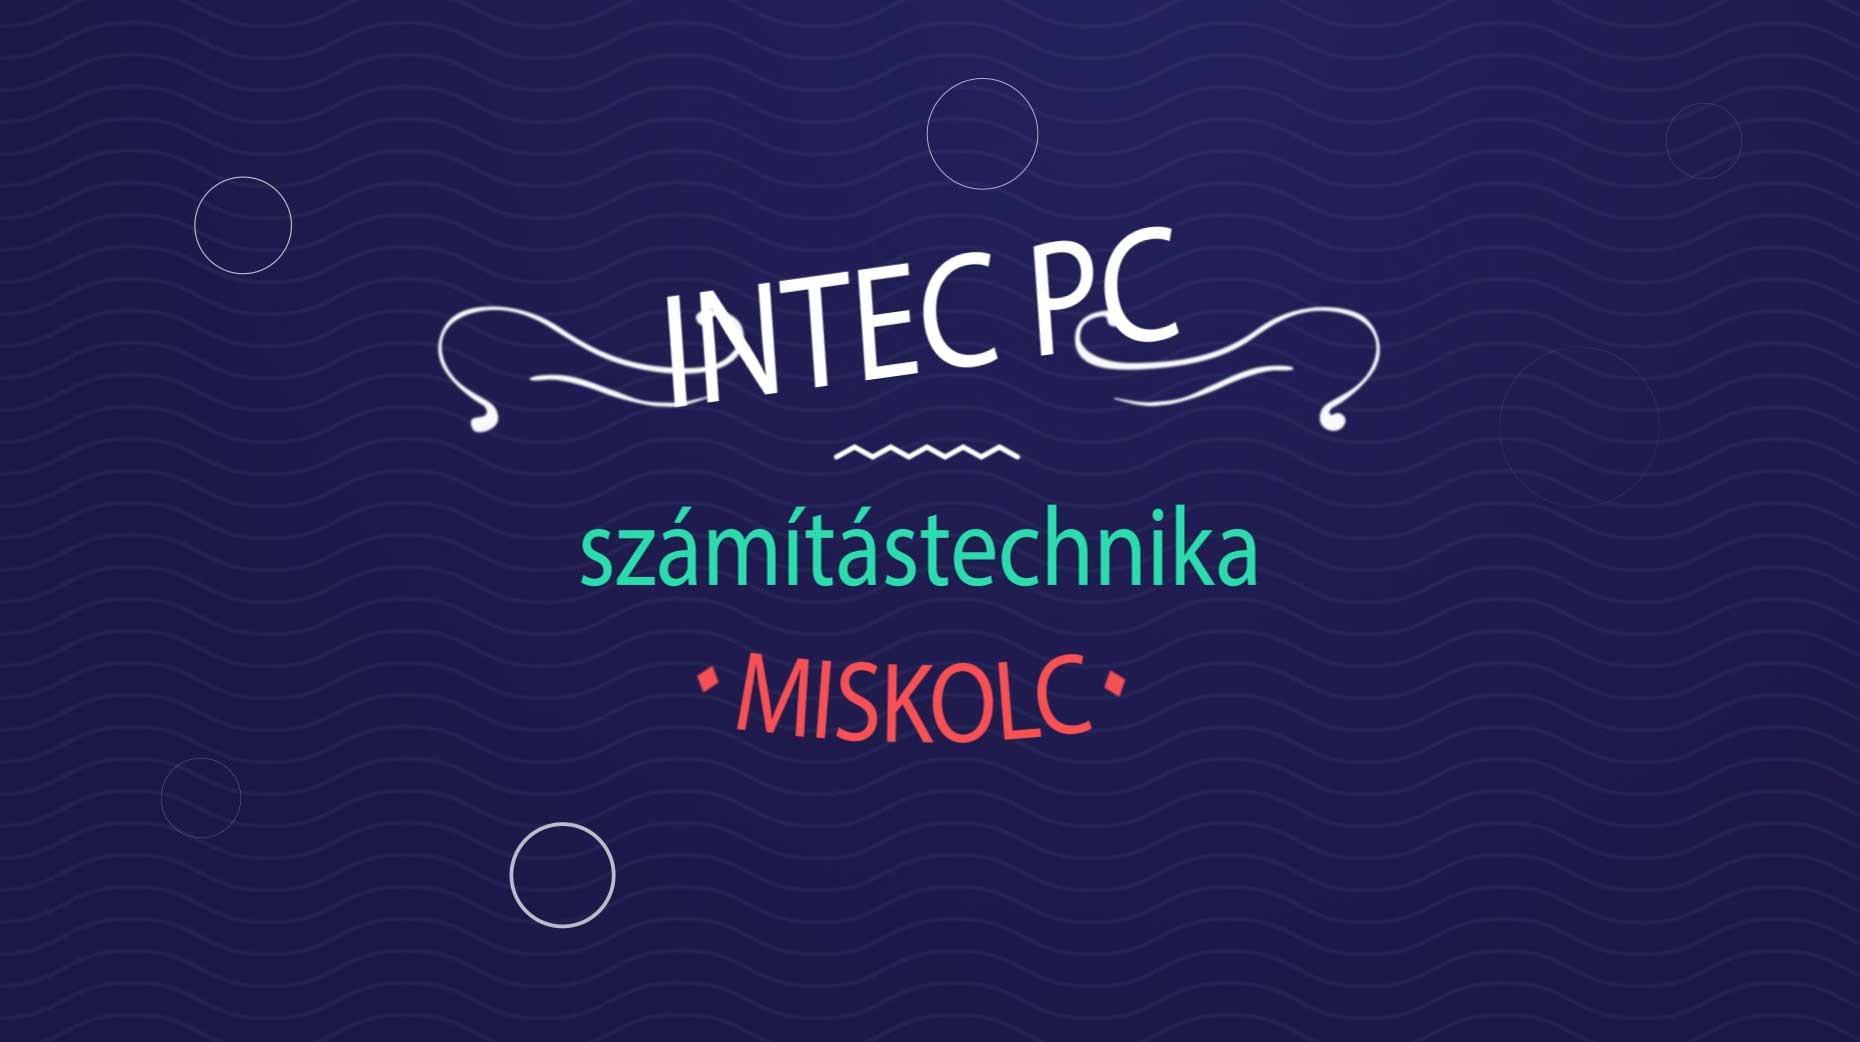 Csak pozitívan ÚJ videó! Szervizelünk, karbantartunk számítógépet, laptopot! INTEC PC MISKOLC